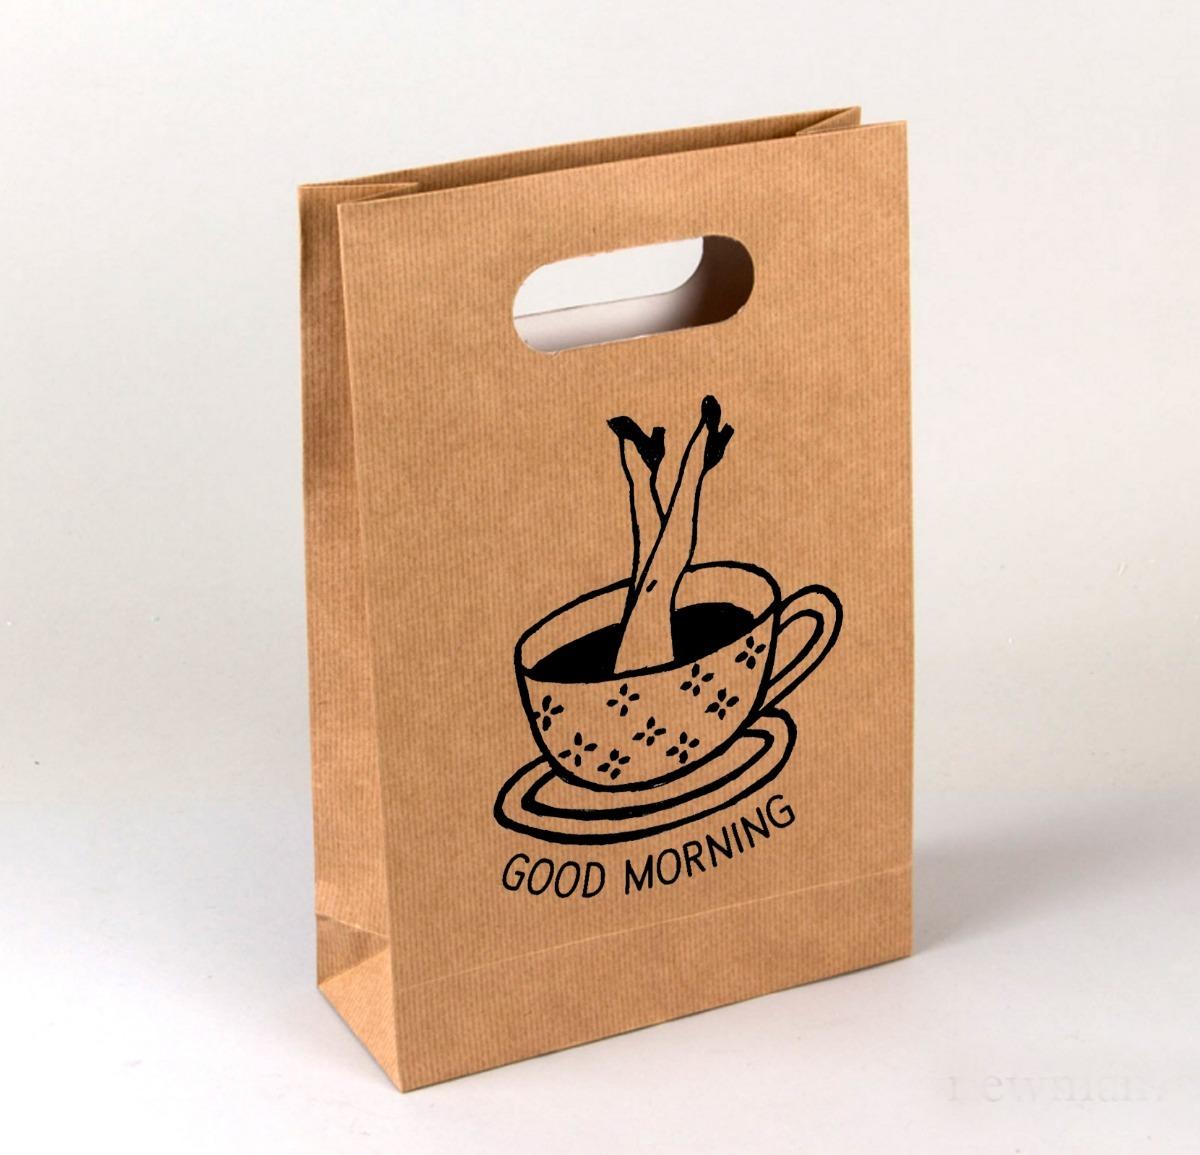 ff6845052 bolsas papel madera 20x30 ecológicas personalizadas once. Cargando zoom.